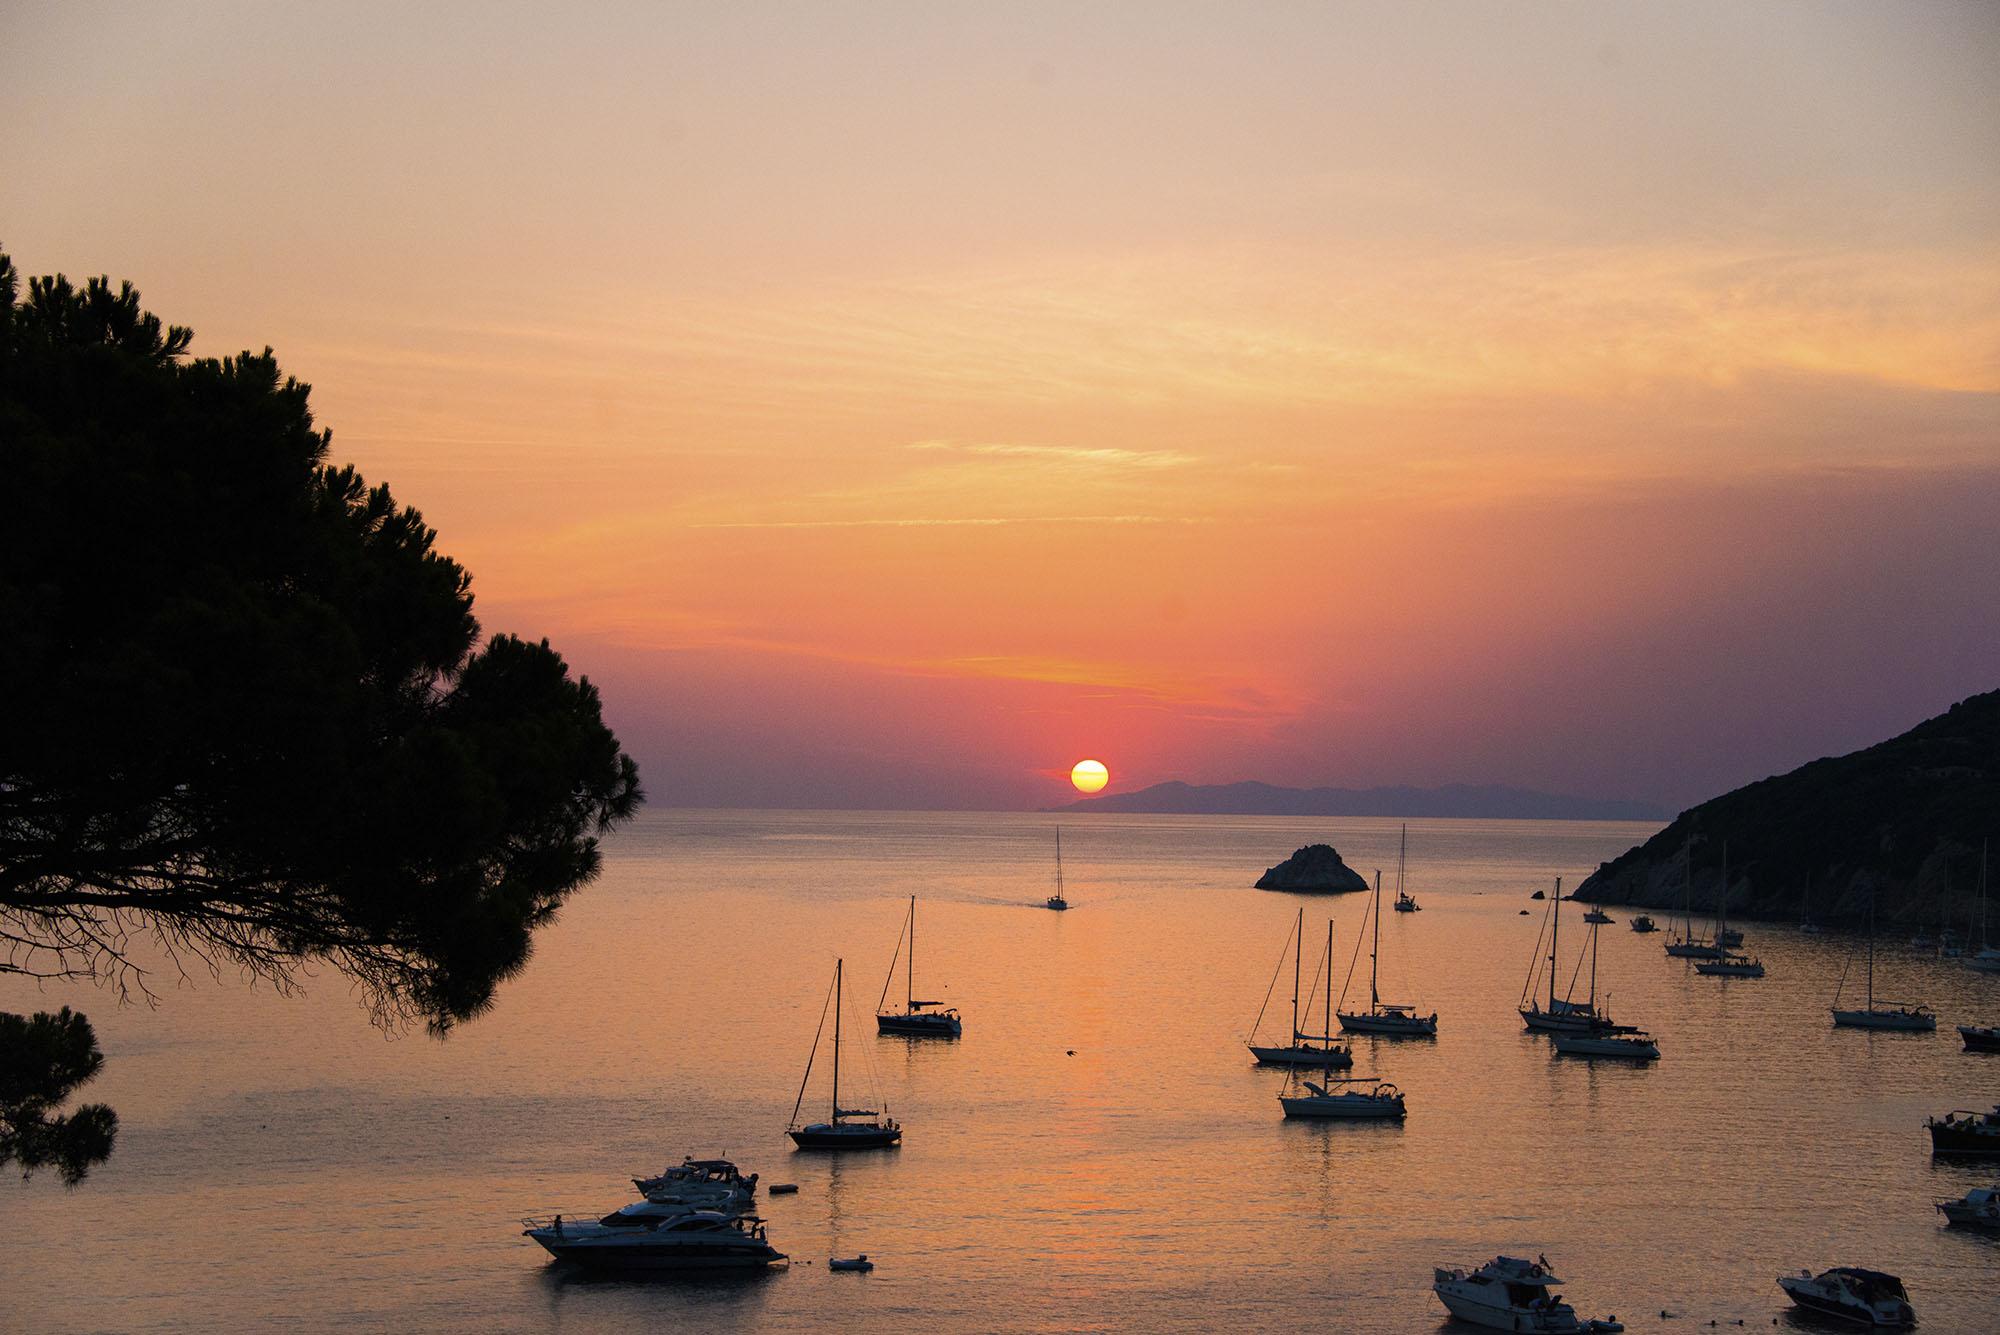 Från Viticcio kan man inte se soluppgången men däremot en oslagbar solnedgång varje kväll. Får aldrig nog av detta.